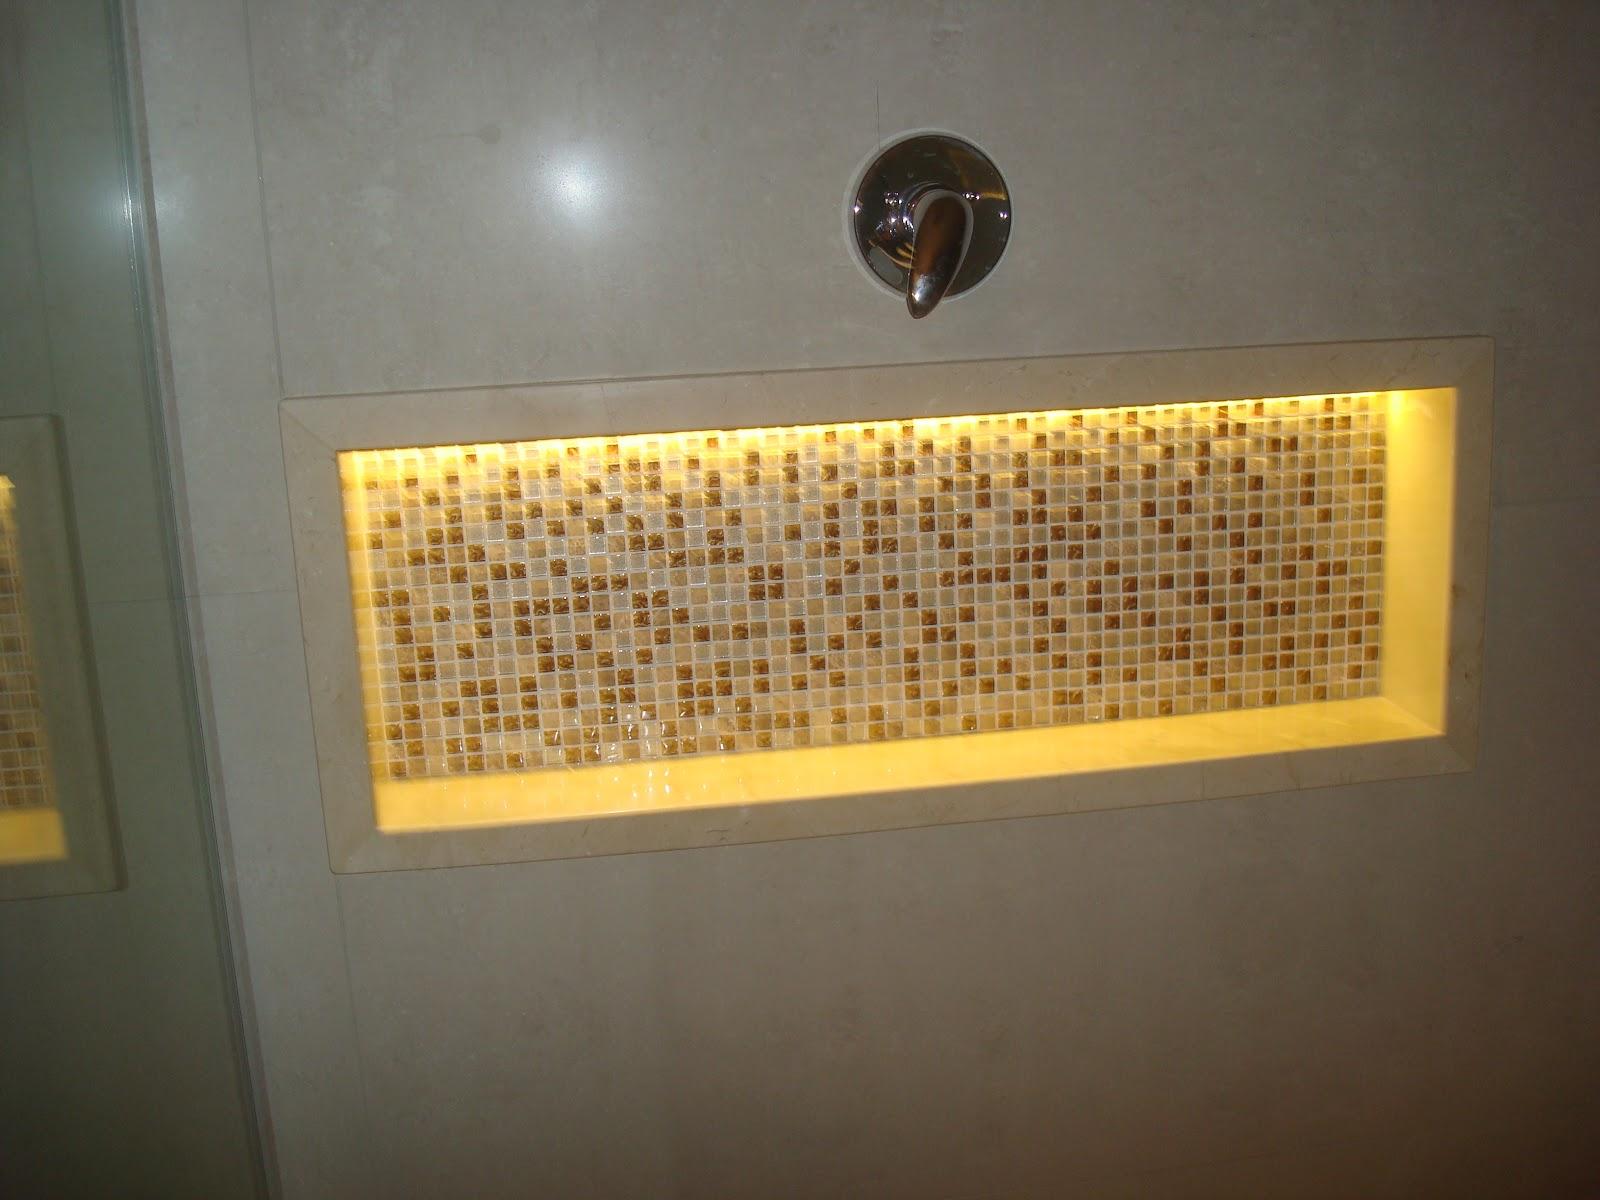 Construindo um Castelinho Banheiro Crema tim tim por tim tim!! -> Banheiros Com Pastilhas Porto Design